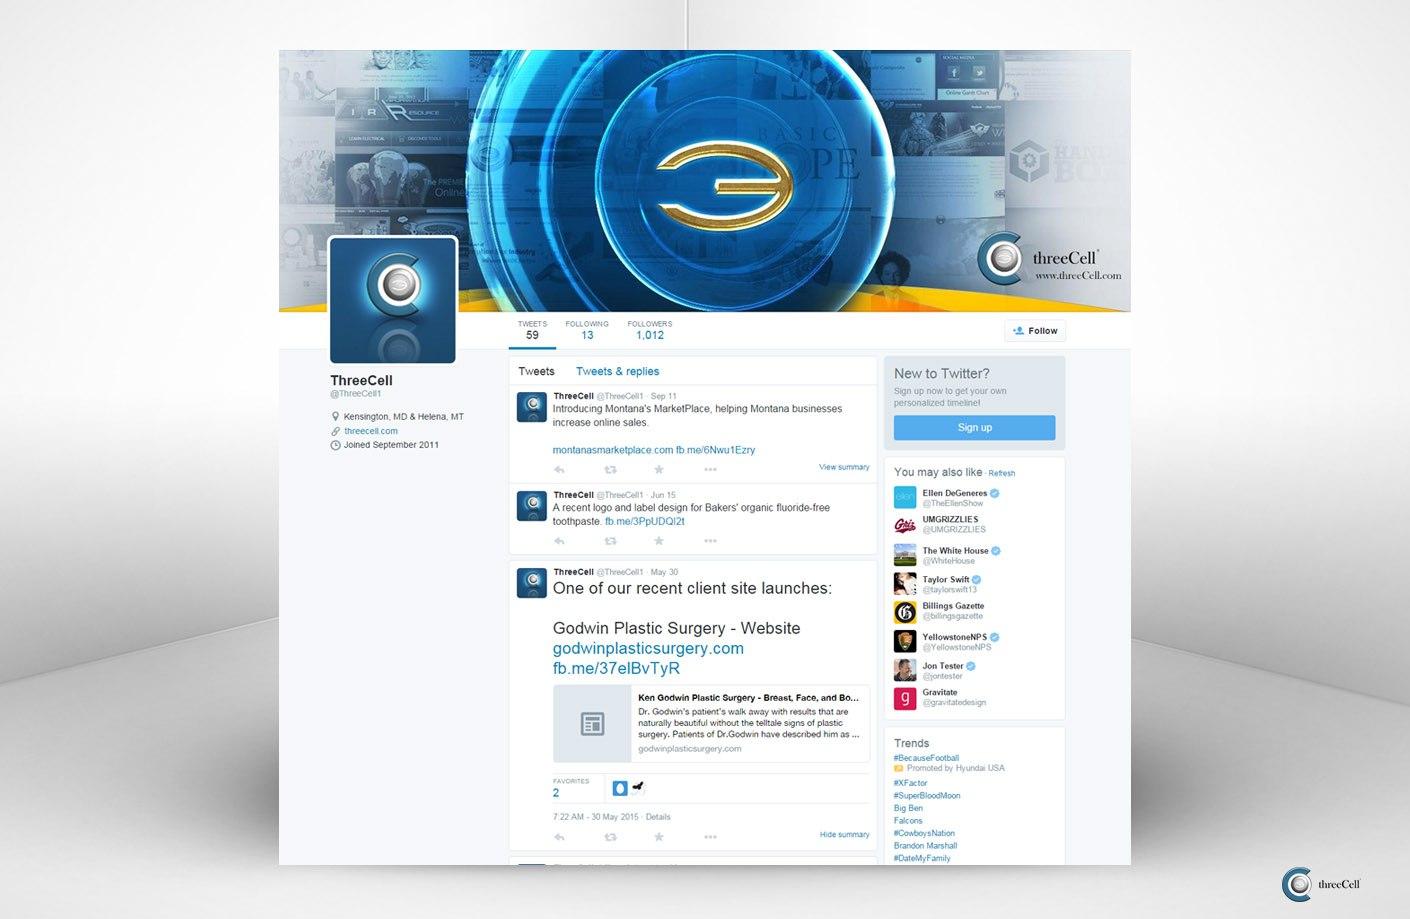 ThreeCell - Twitter Social Media Design